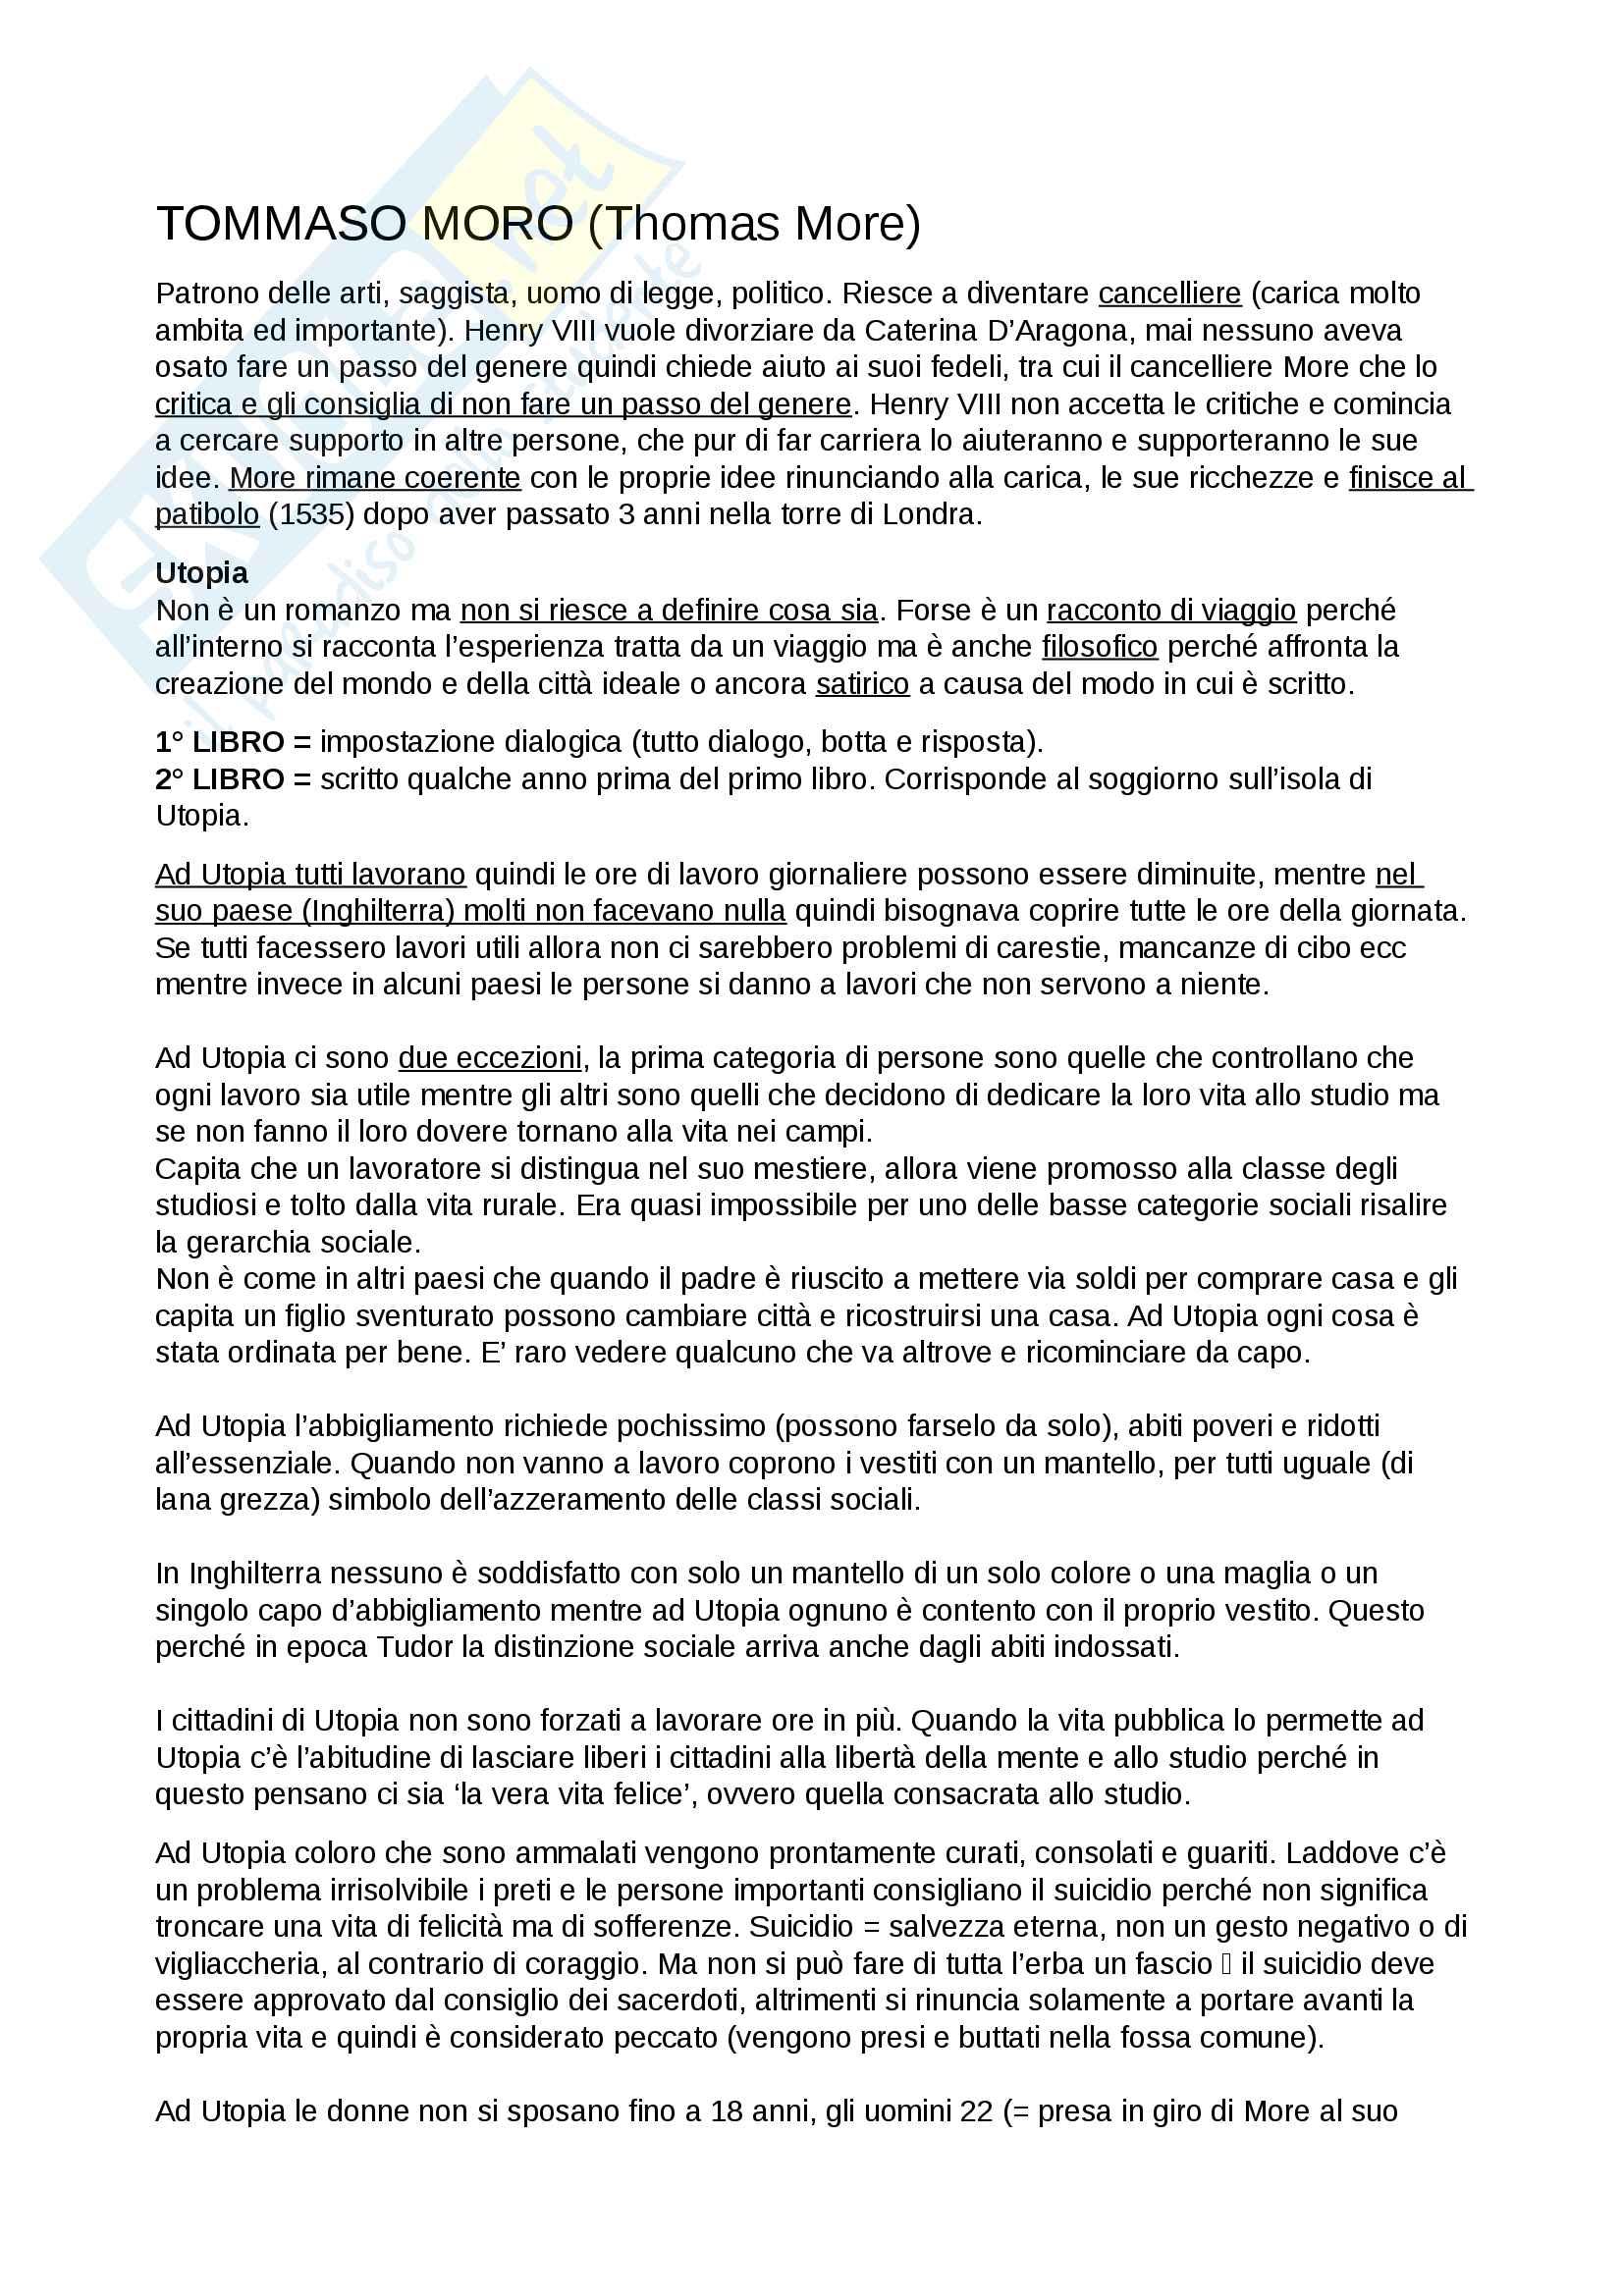 Tommaso Moro/Thomas More + Utopia